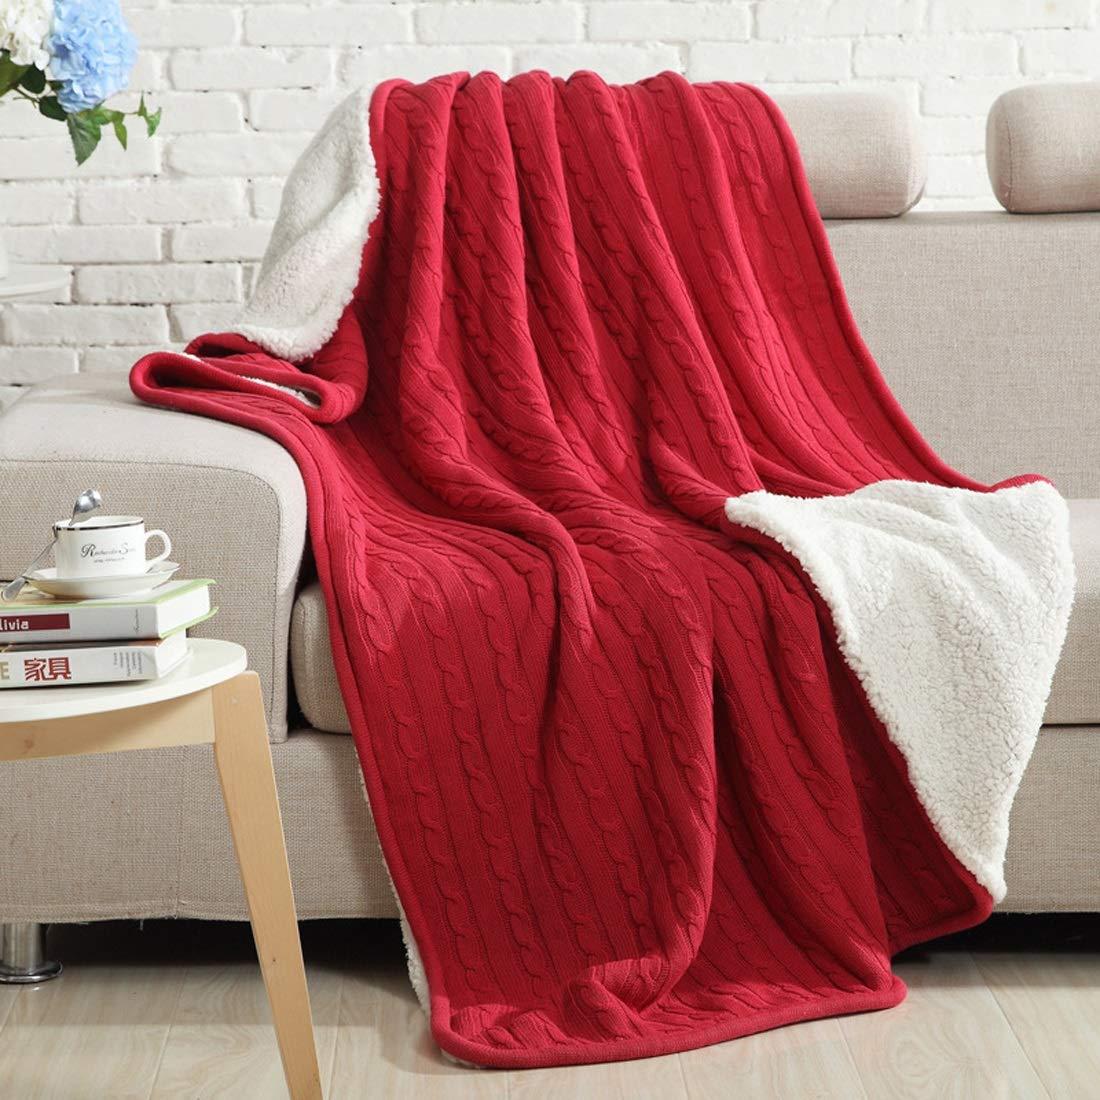 毛布アメリカンビレッジコットンニット厚いキルト写真の小道具ホームオフィスコーヒーショップに適して (Color : レッド) B07MM9DVX6 レッド